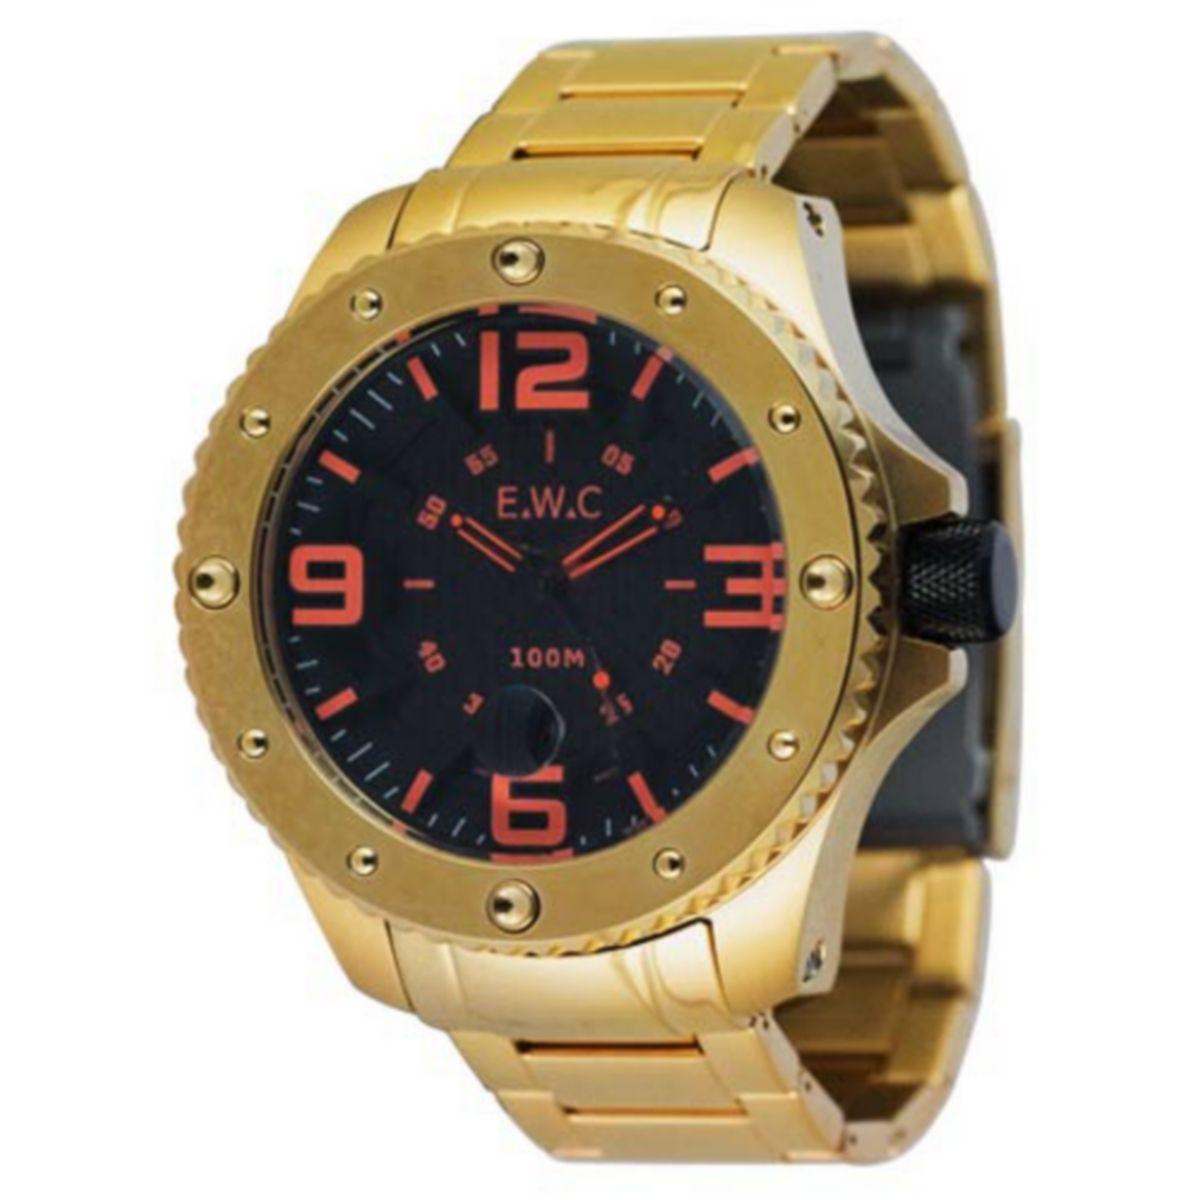 Relógio E.W.C Masculino Analógico Dourado Aço Inox Colossal EUT-12339-O